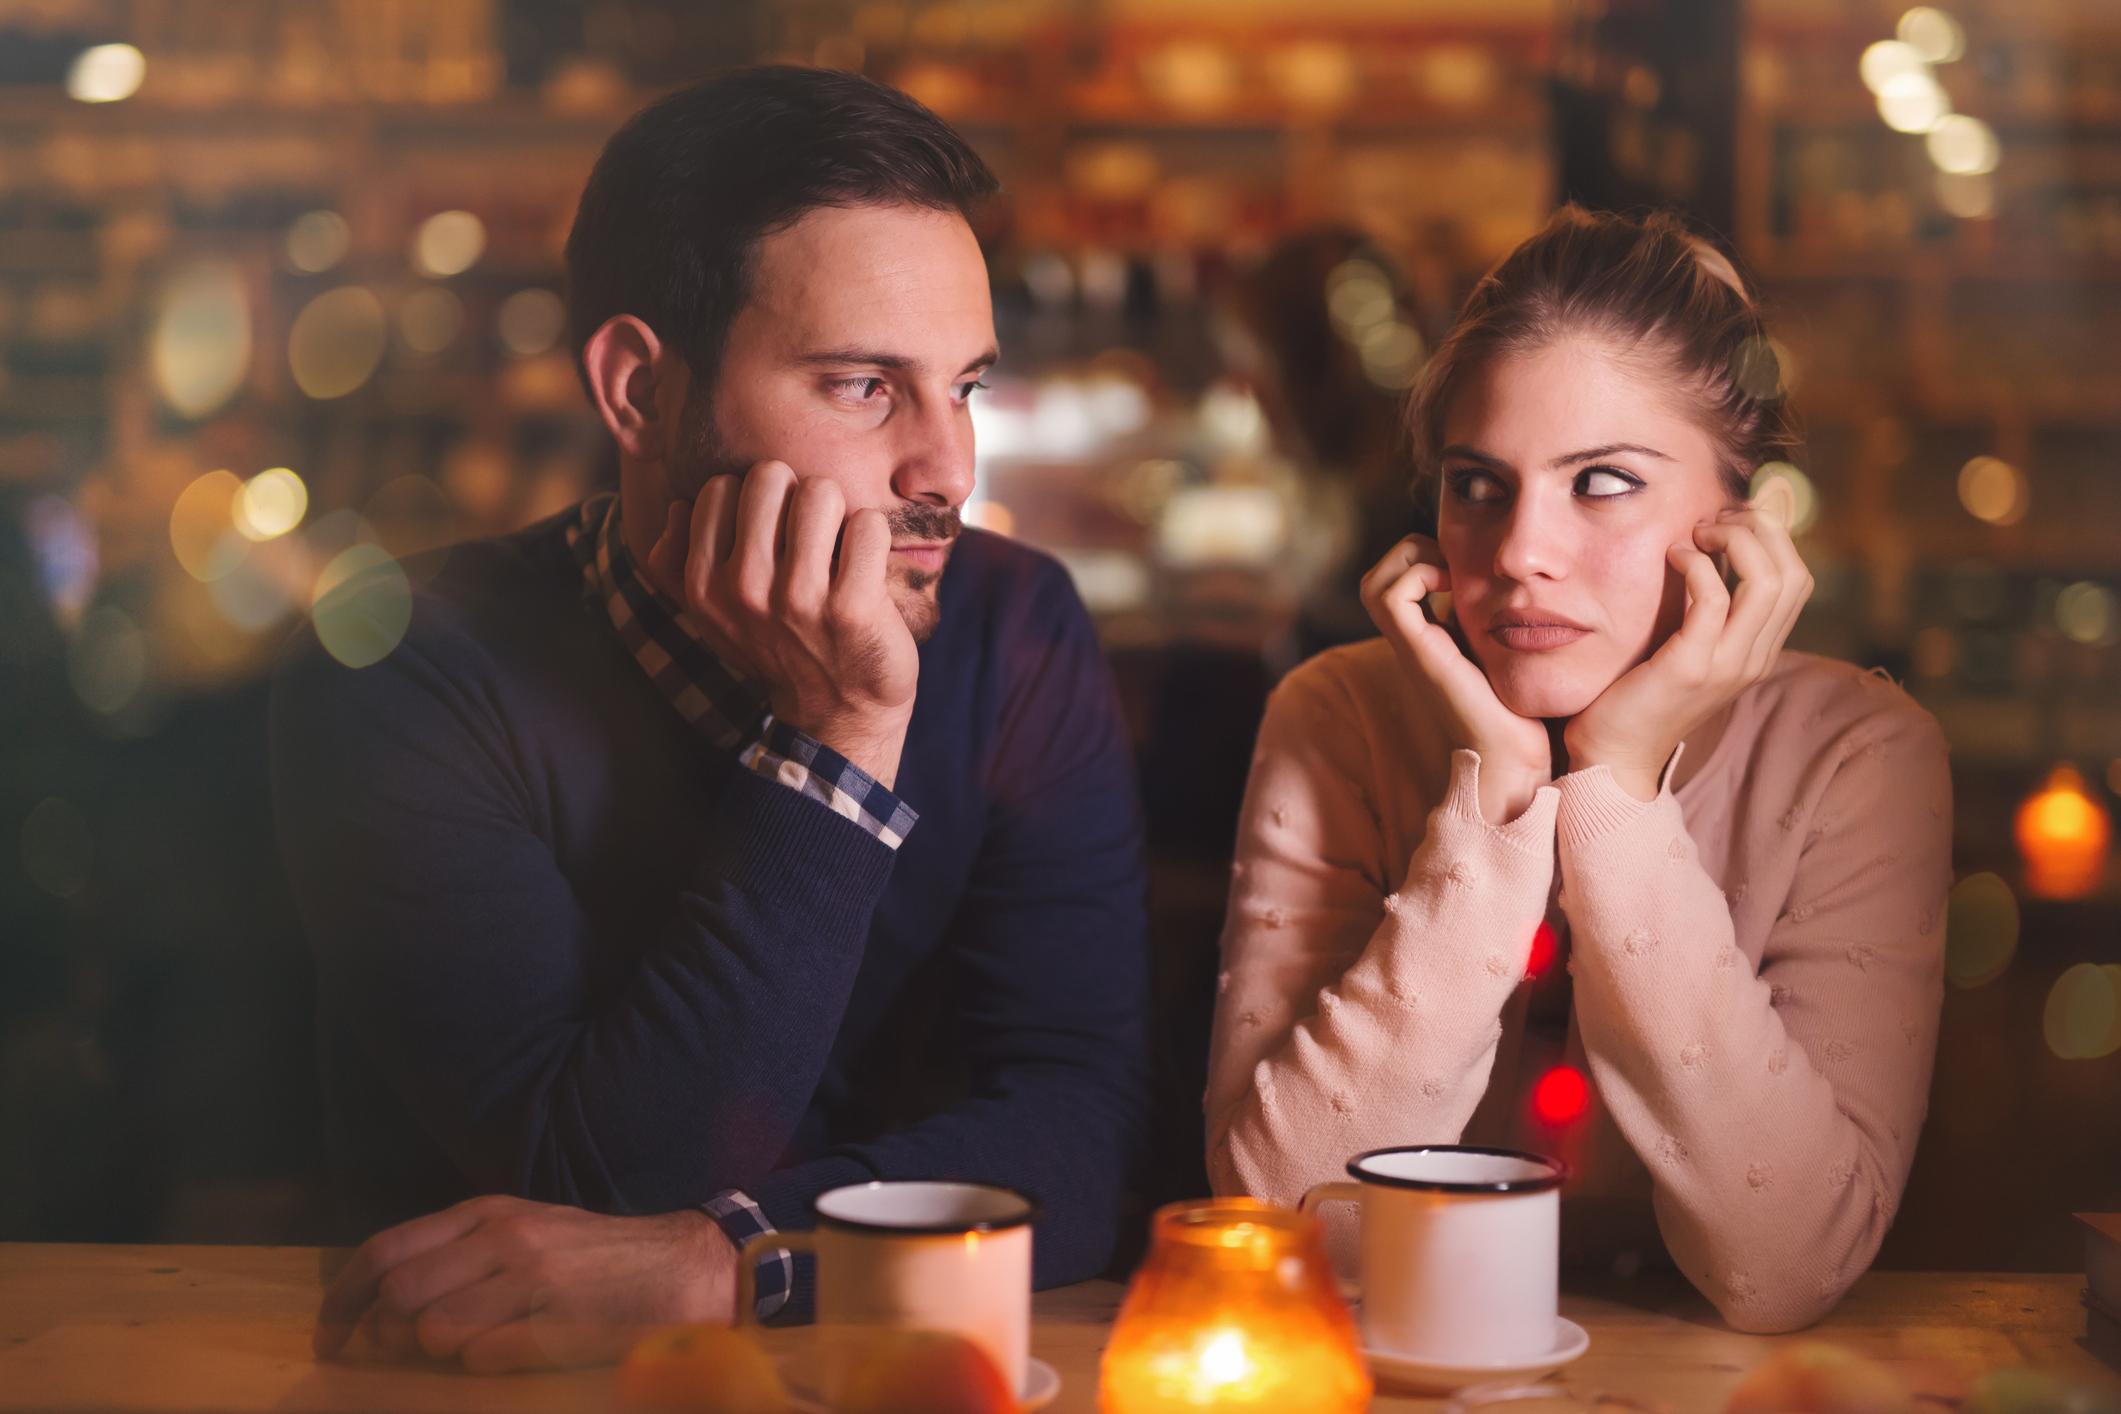 Не спират да са гневни на друг човек Ако един човек е постоянно гневен на друг, той не може да прецени и анализира внимателно ситуацията. Действията и думите могат да бъдат неразумни в такива моменти. Хората, които нараняват или правят неща, които не ви харесват, не следва да са обект на вниманието ви изобщо.